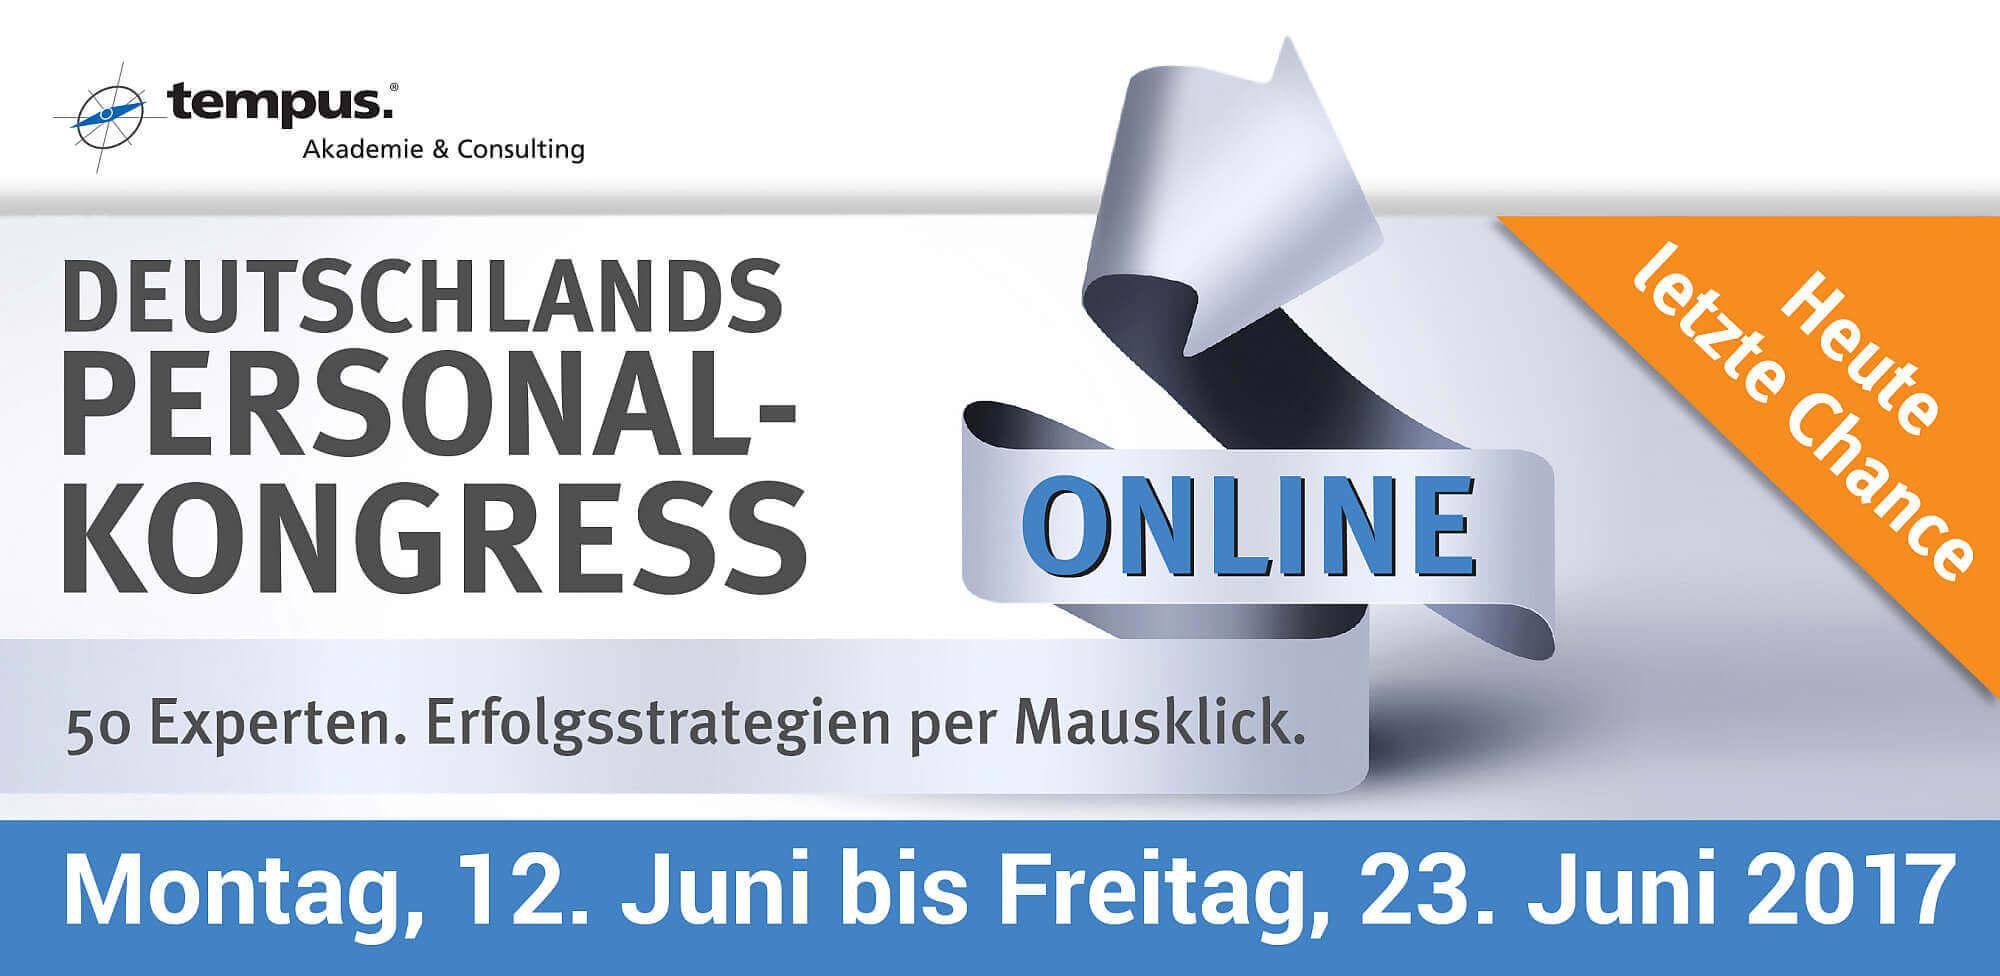 Deutschlands Personal-Kongress - Heute letzte Chance